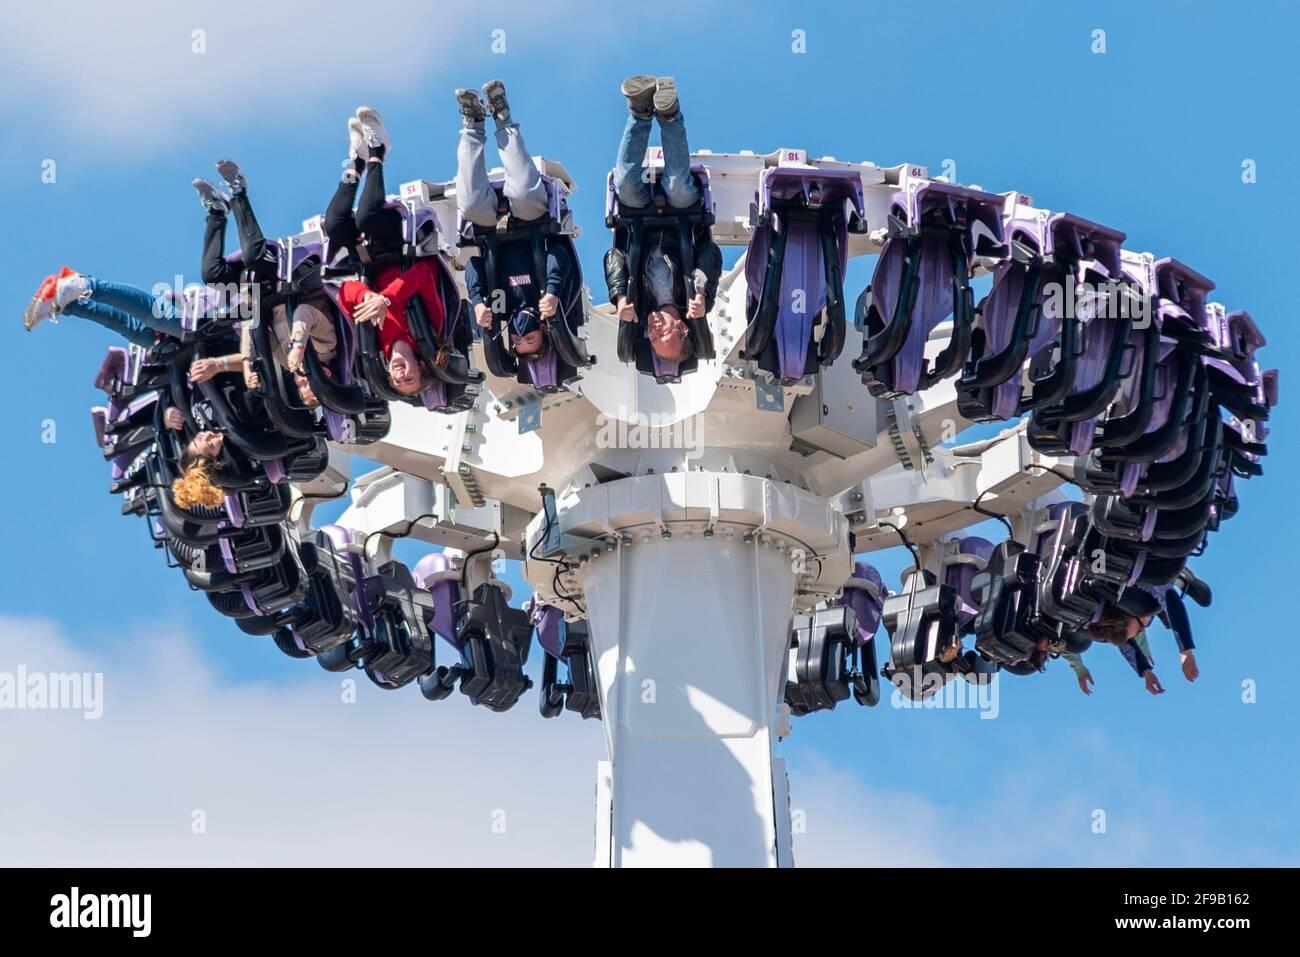 Adventure Island Amusement Park Southend On Sea Stockfotos Und Bilder Kaufen Alamy